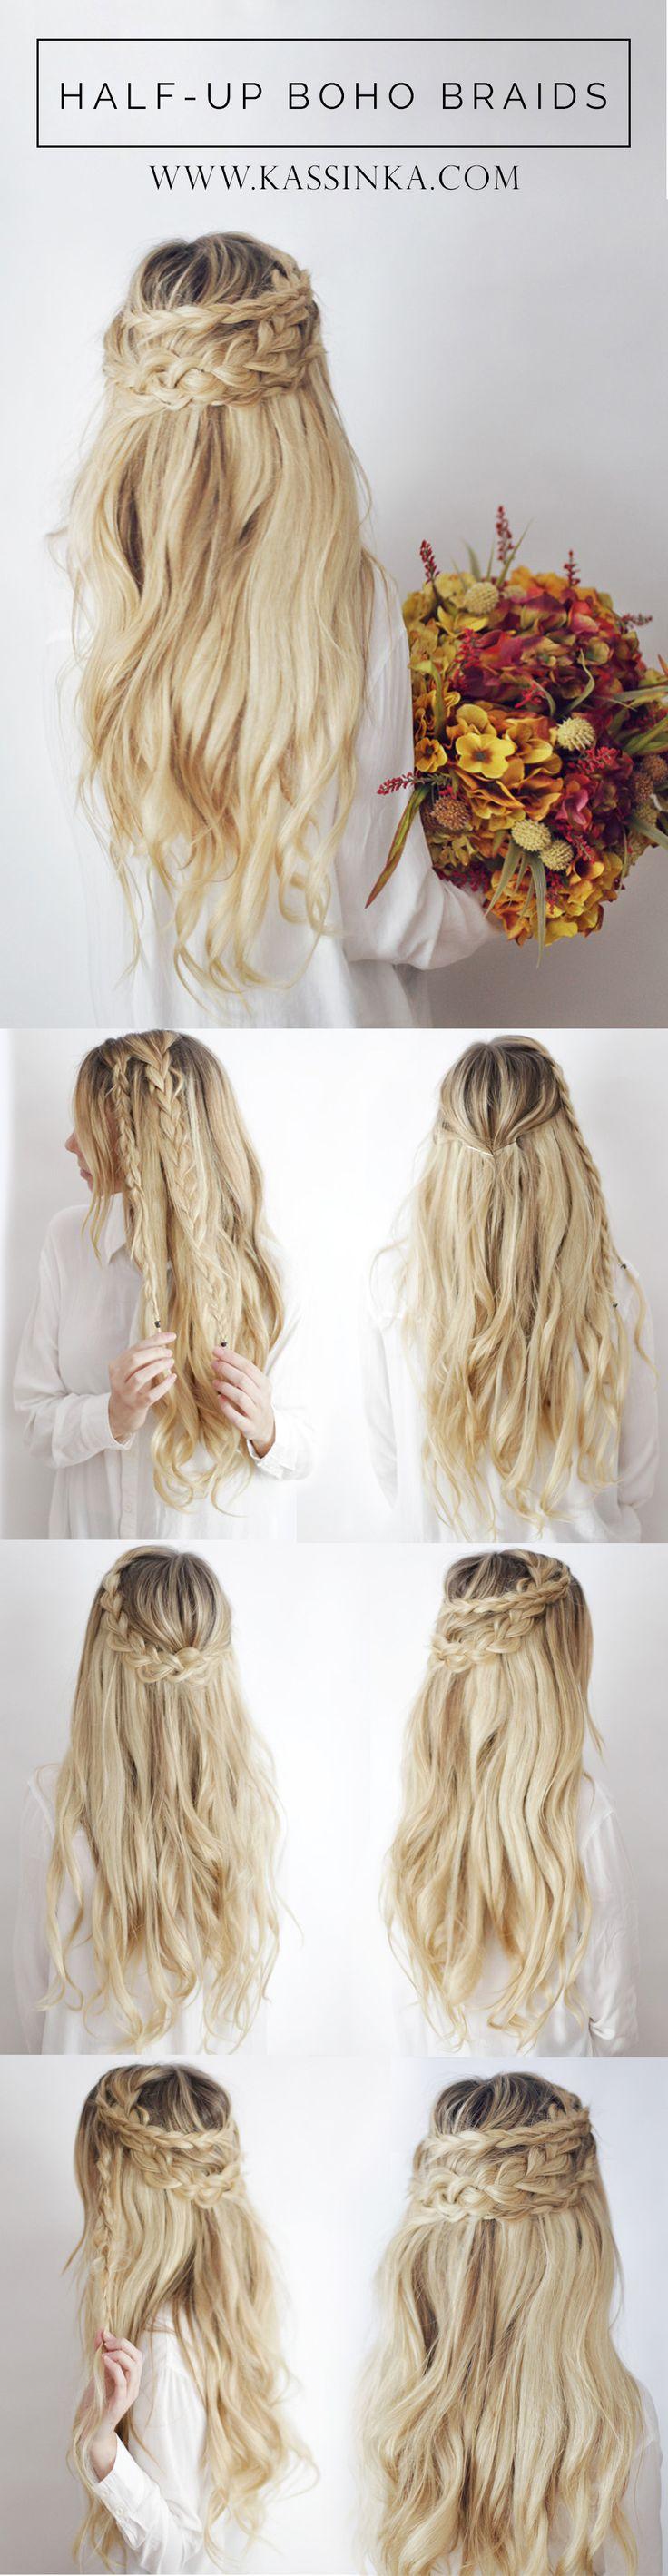 25 ý tưởng kiểu tóc bện tốt nhất trên Pinterest